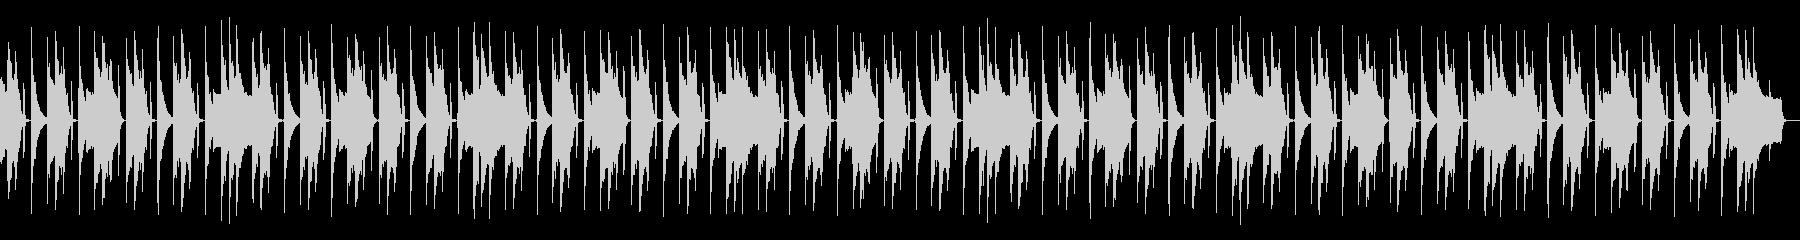 FM音源のループの未再生の波形